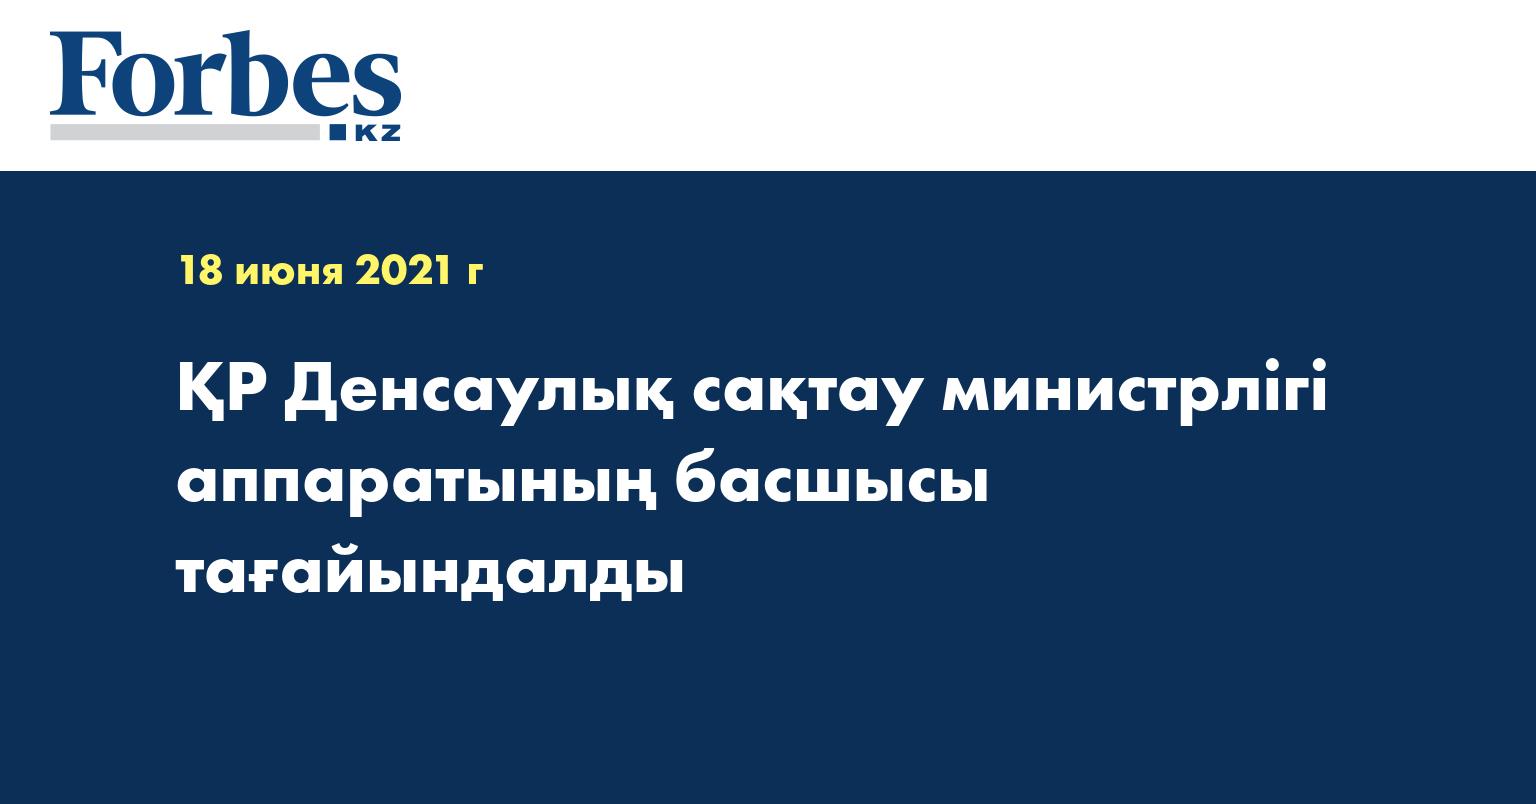 ҚР Денсаулық сақтау министрлігі аппаратының басшысы тағайындалды